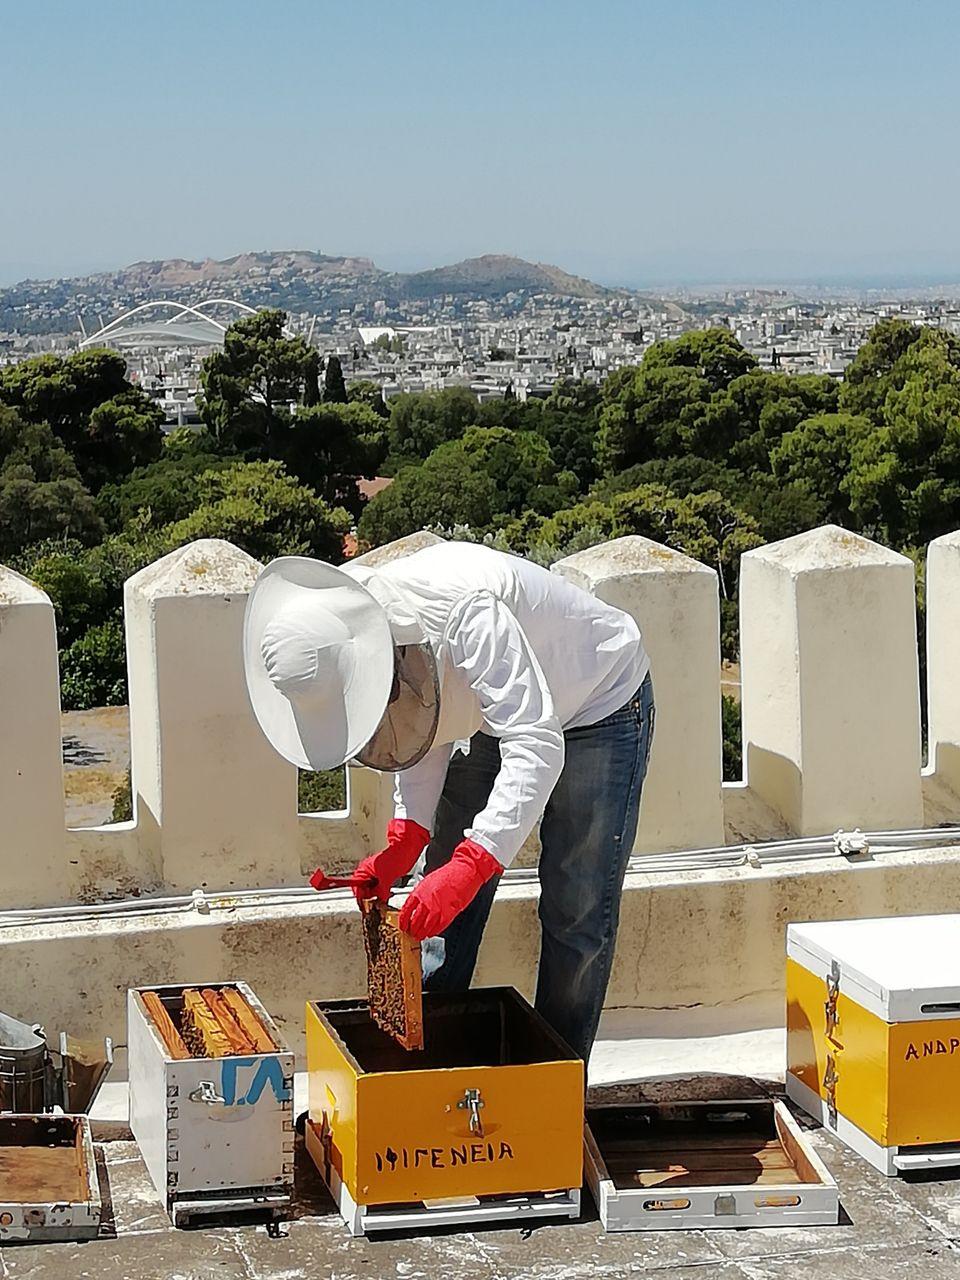 Μελίσσια για πρώτη φορά στη στέγη δημόσιου κτηρίου στην